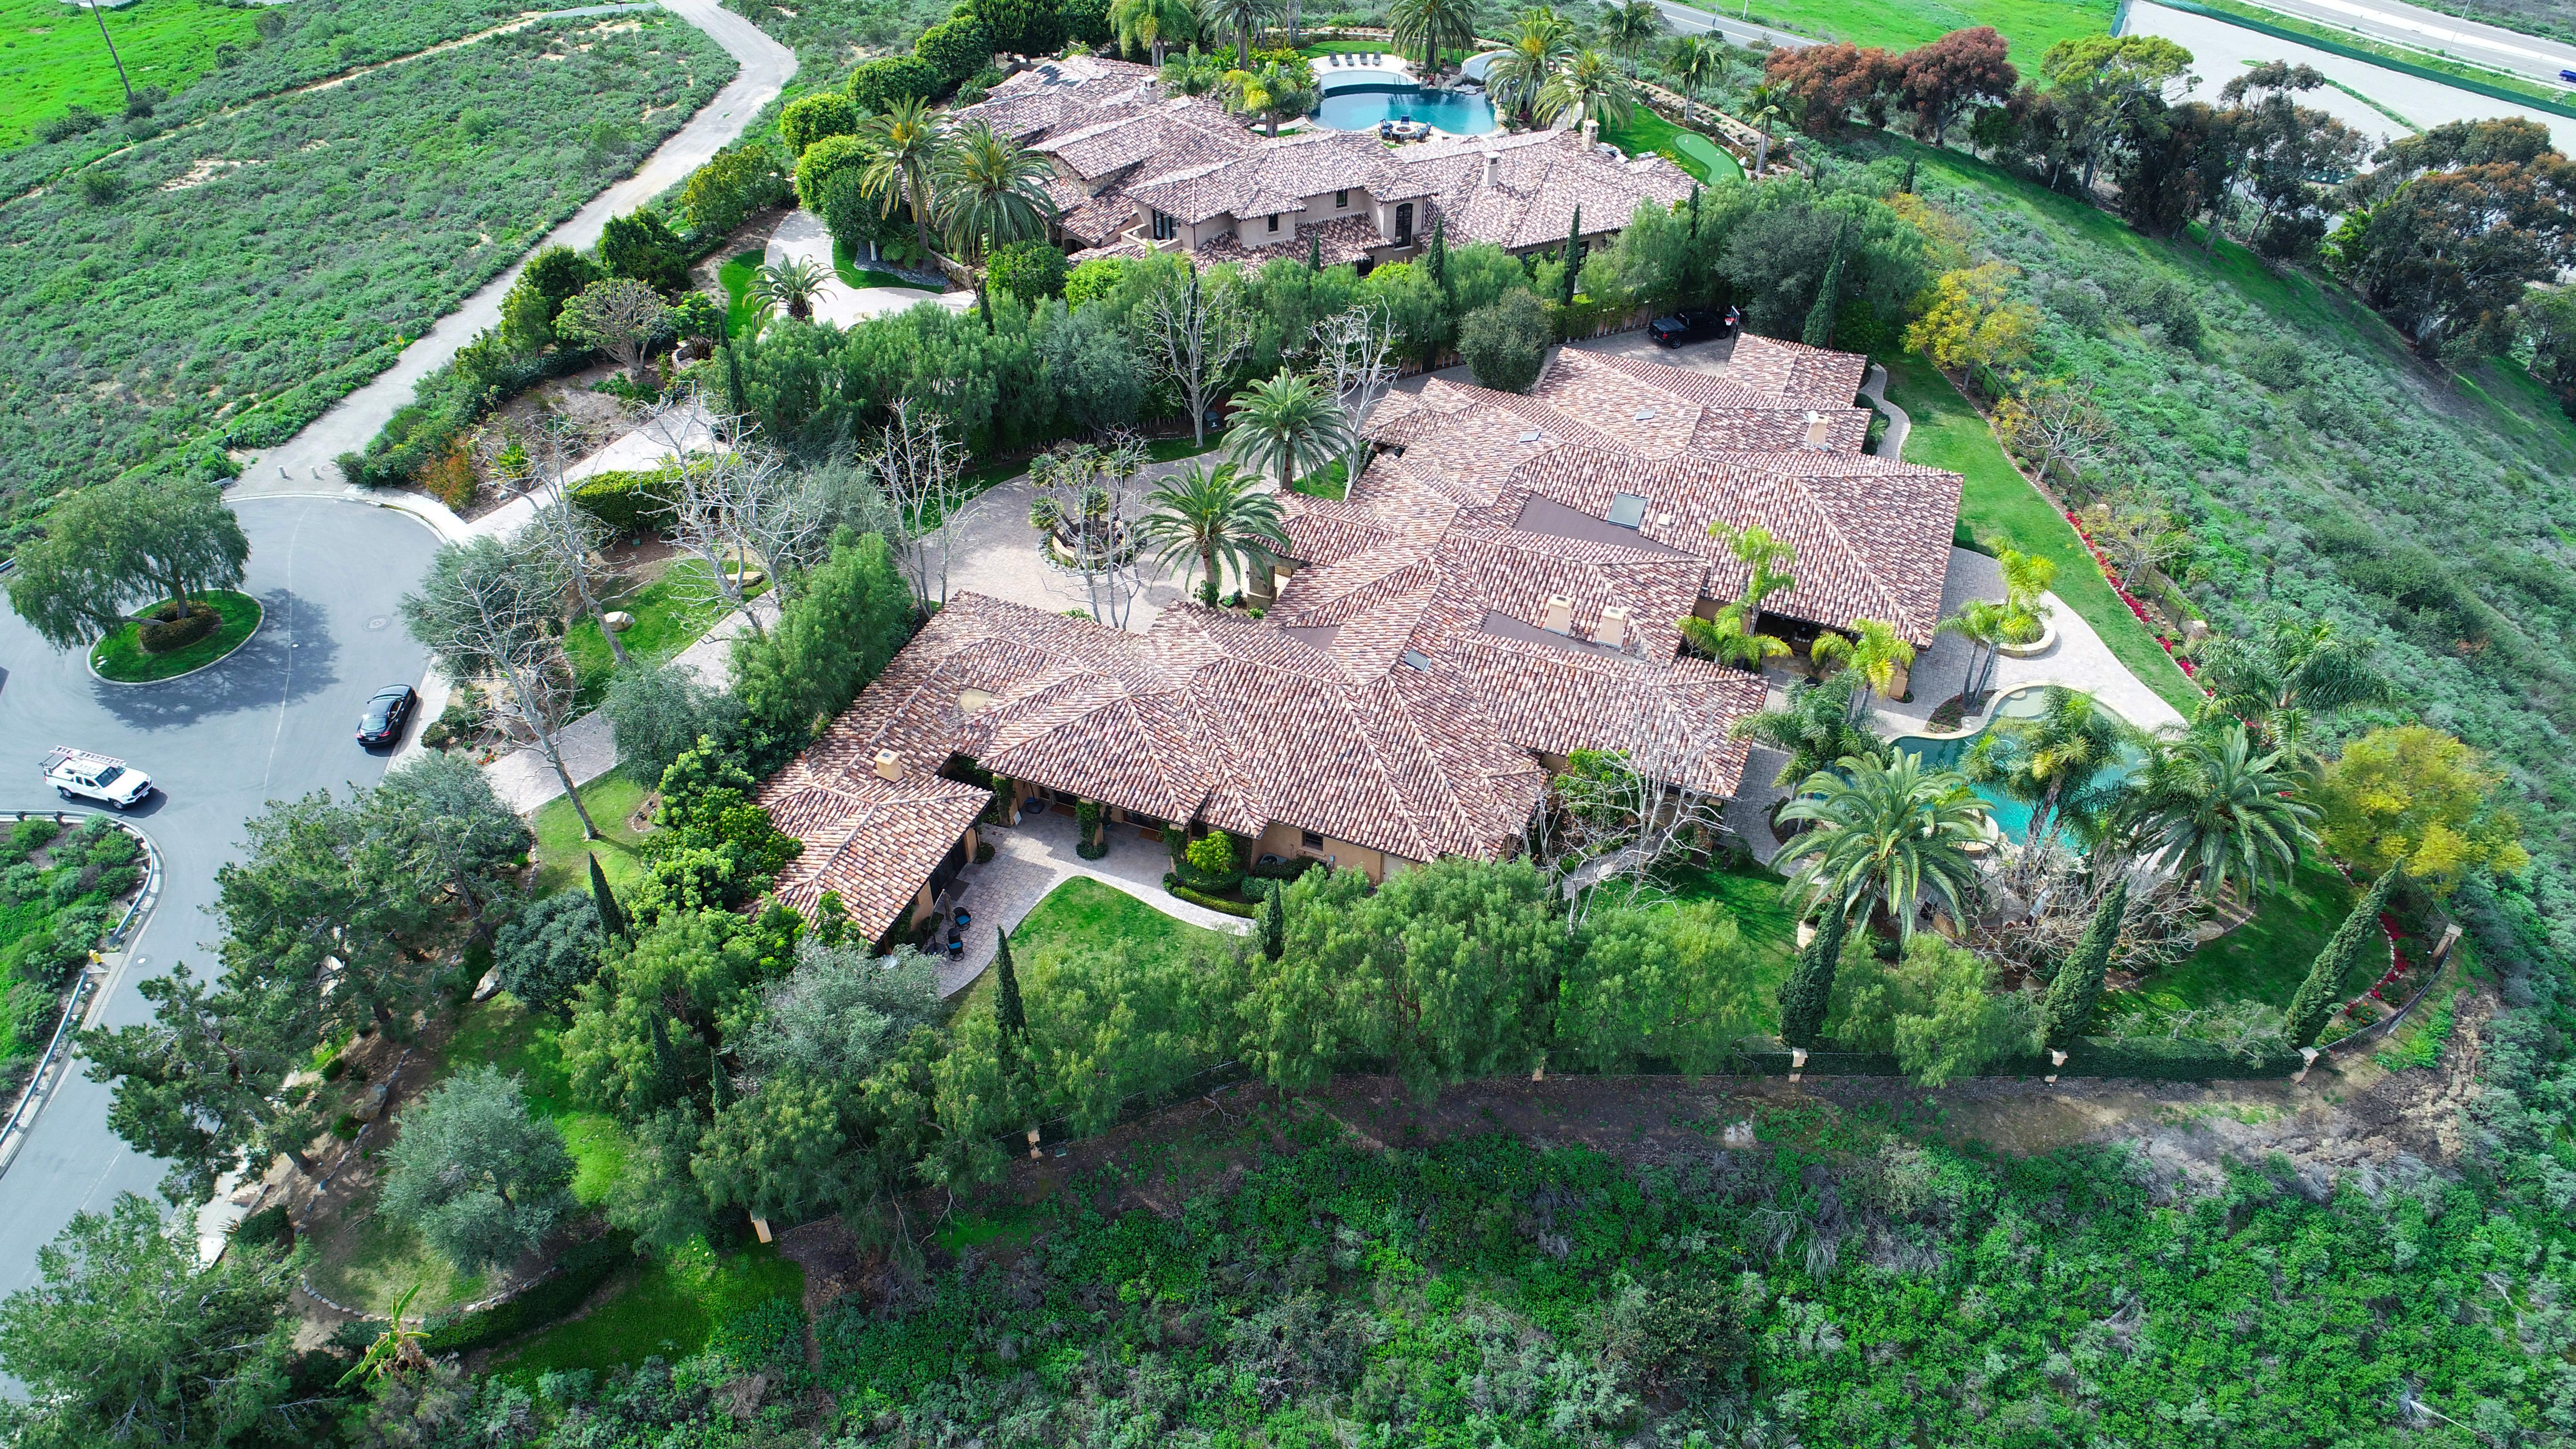 4130-rancho-las-brisas-aerial-large-4